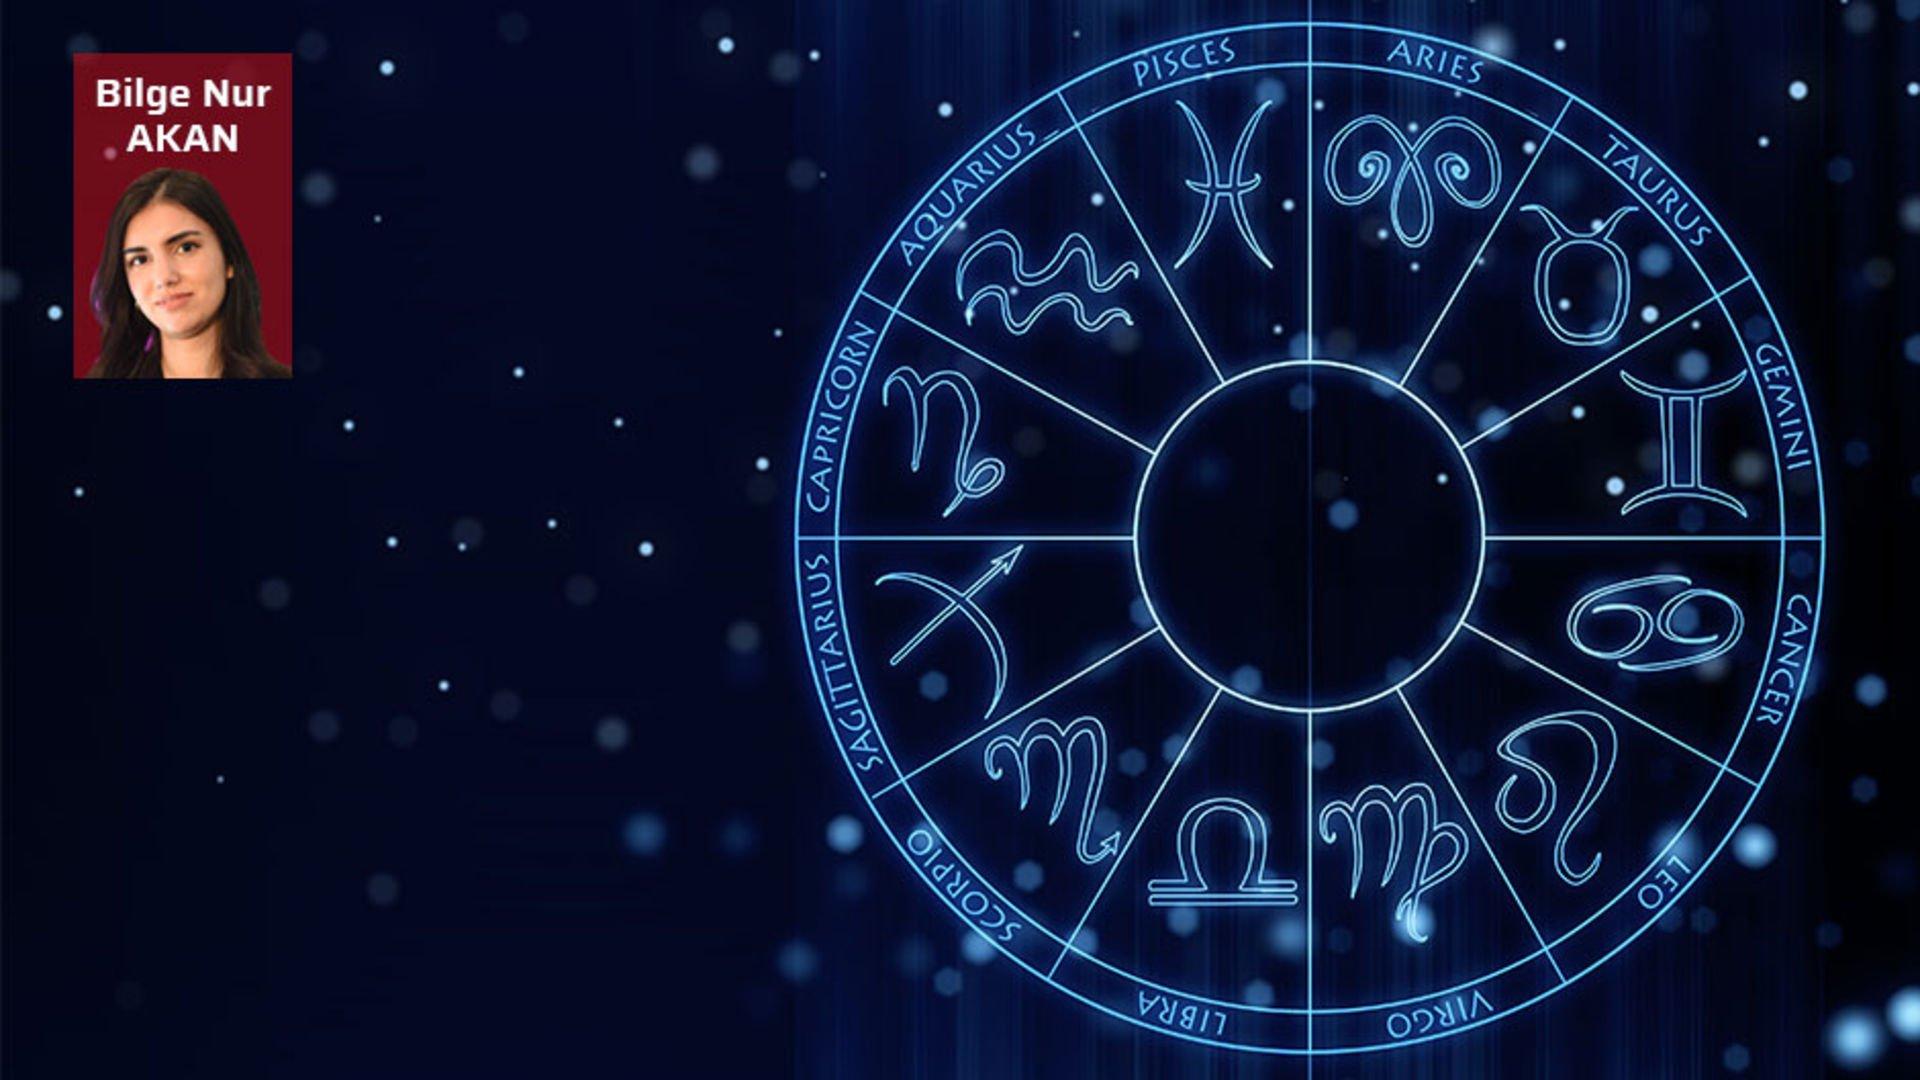 ASTROLOJİ | Son dakika: Ünlü astrolog Öner Döşer'den Dolunay yorumları! - Nisan ayı burçlar